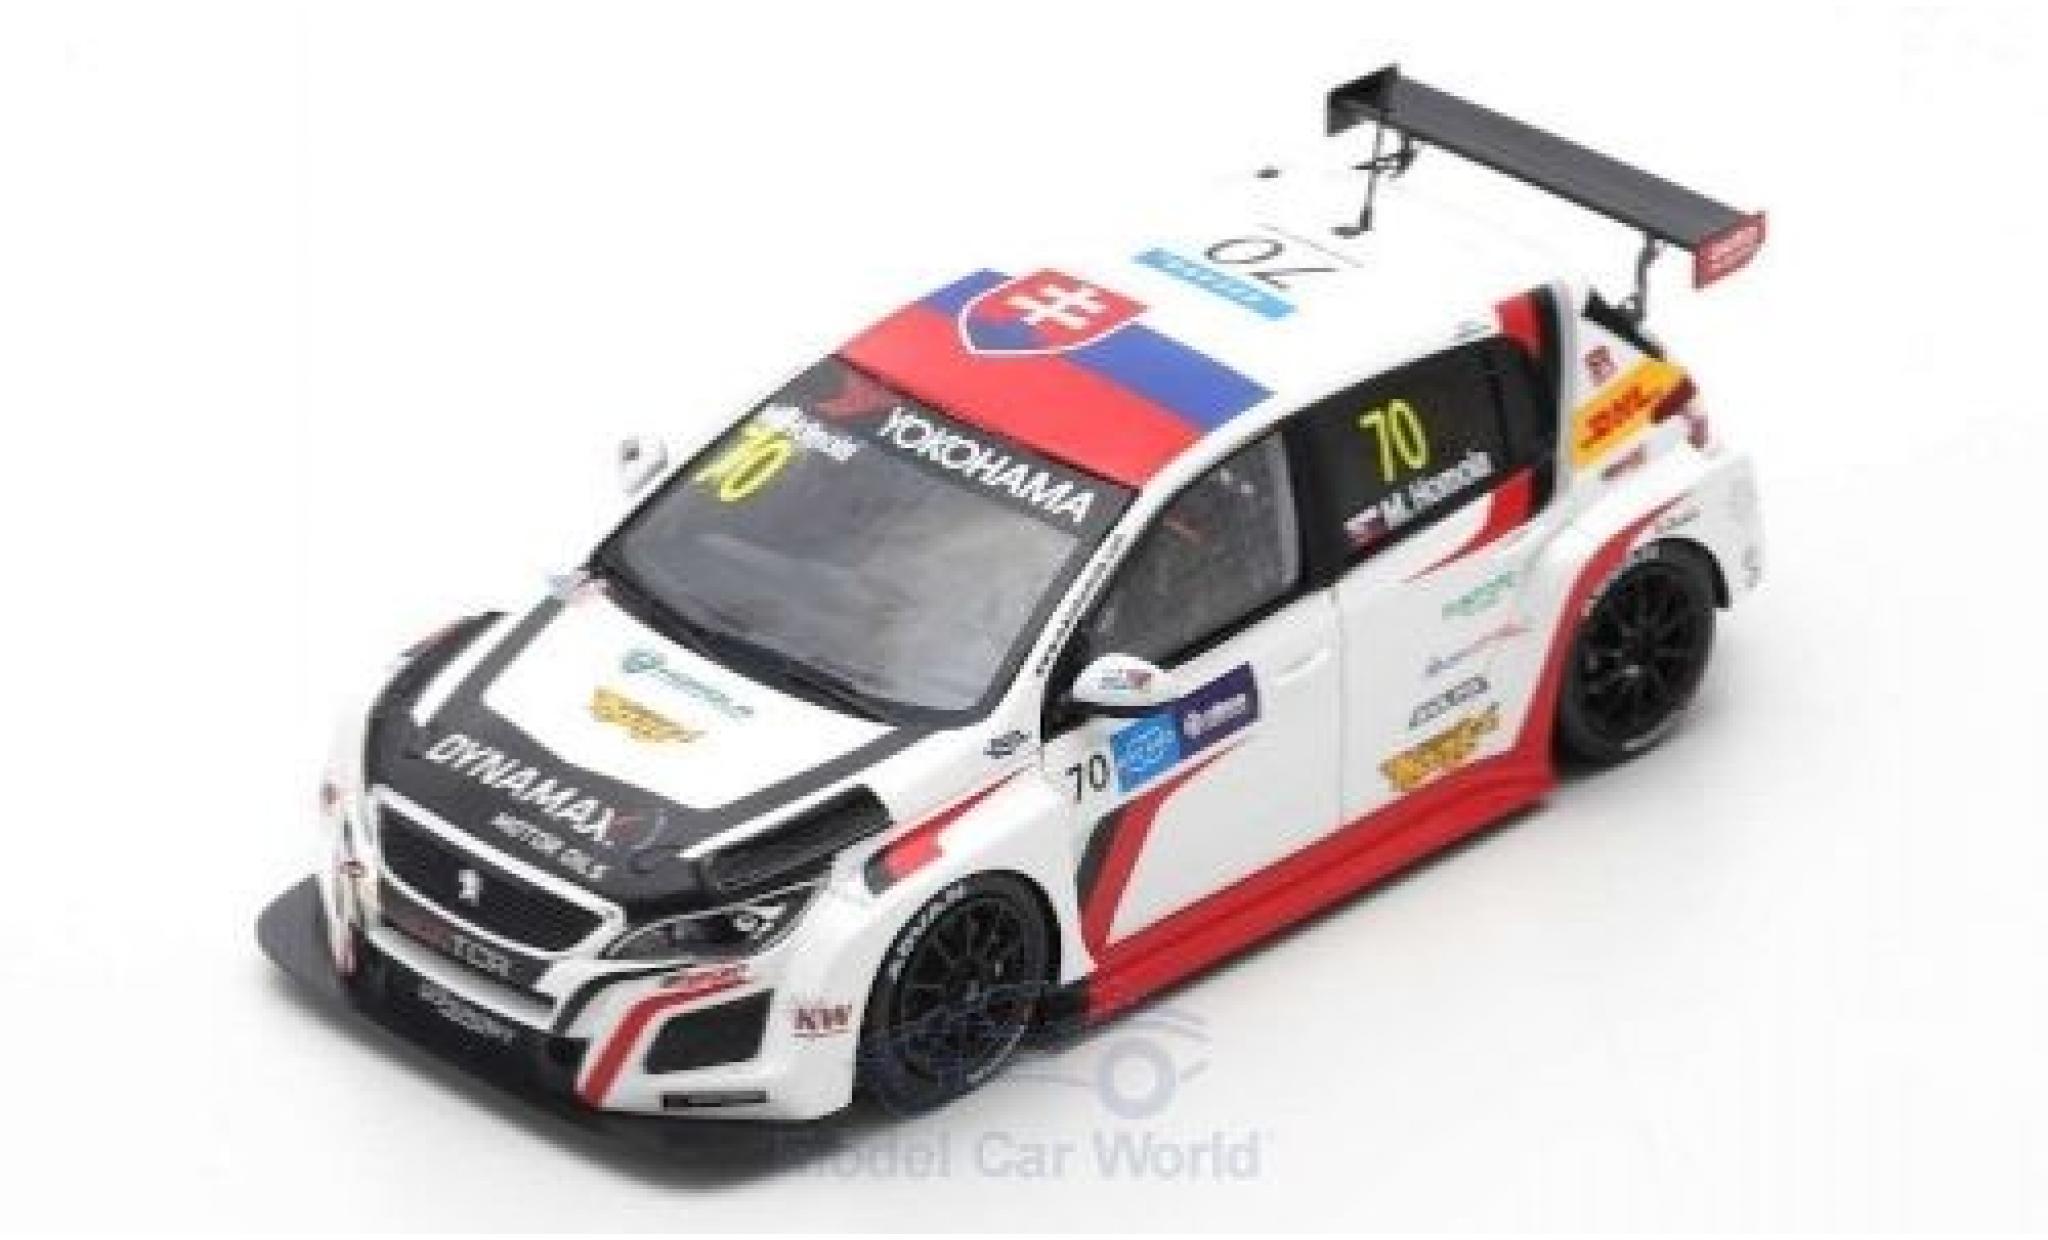 Peugeot 308 1/43 Spark TCR No.70 DG Sport Competition Race WTCR Macau Guia Race 2018 M.Homola